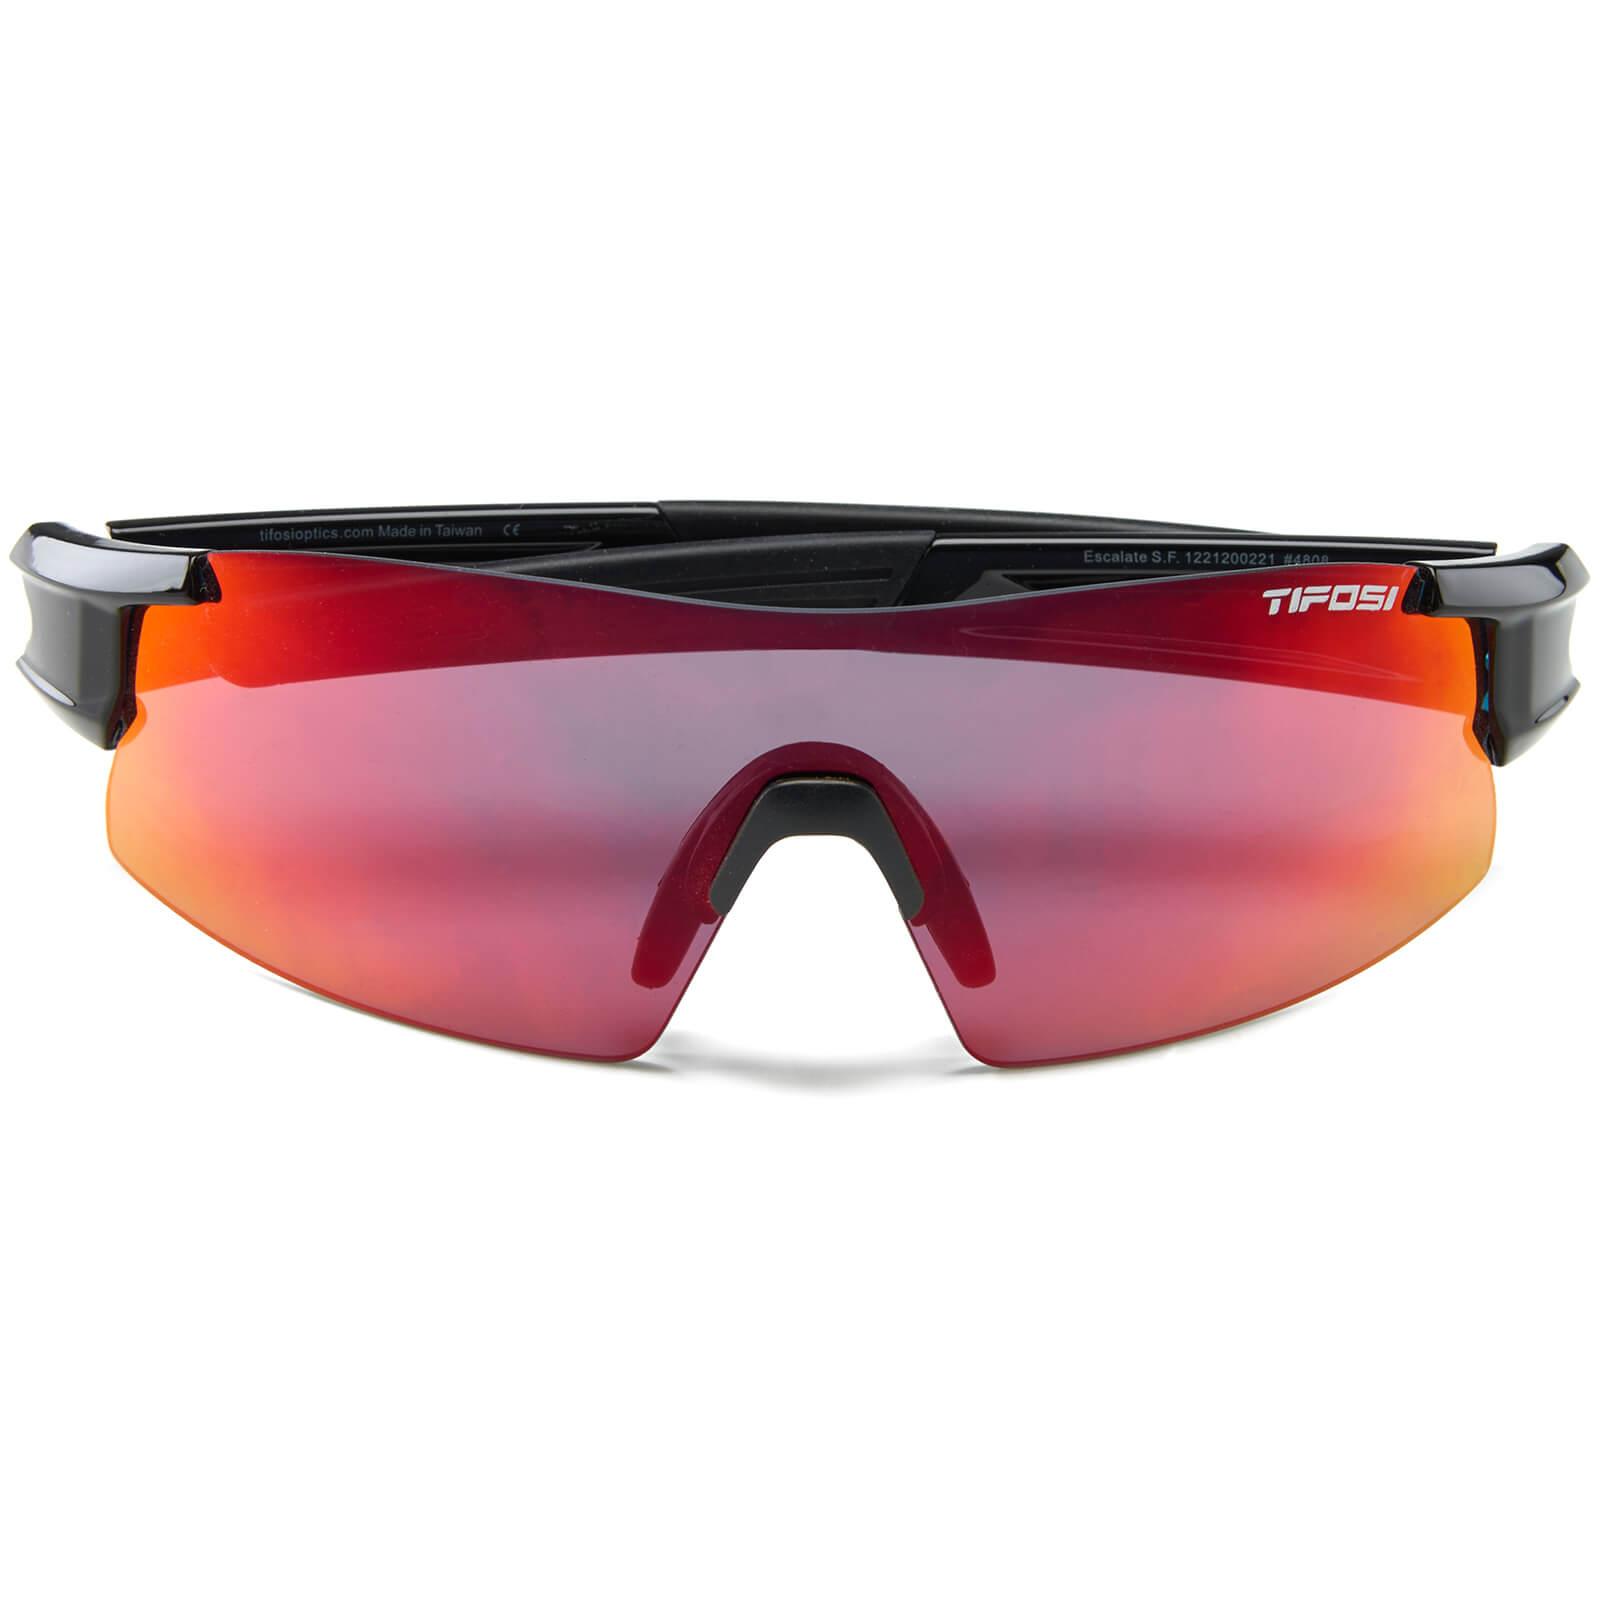 c4208ce9c8 Tifosi Pro Escalate Shield   Full Sunglasses - Gloss Black Clarion Red